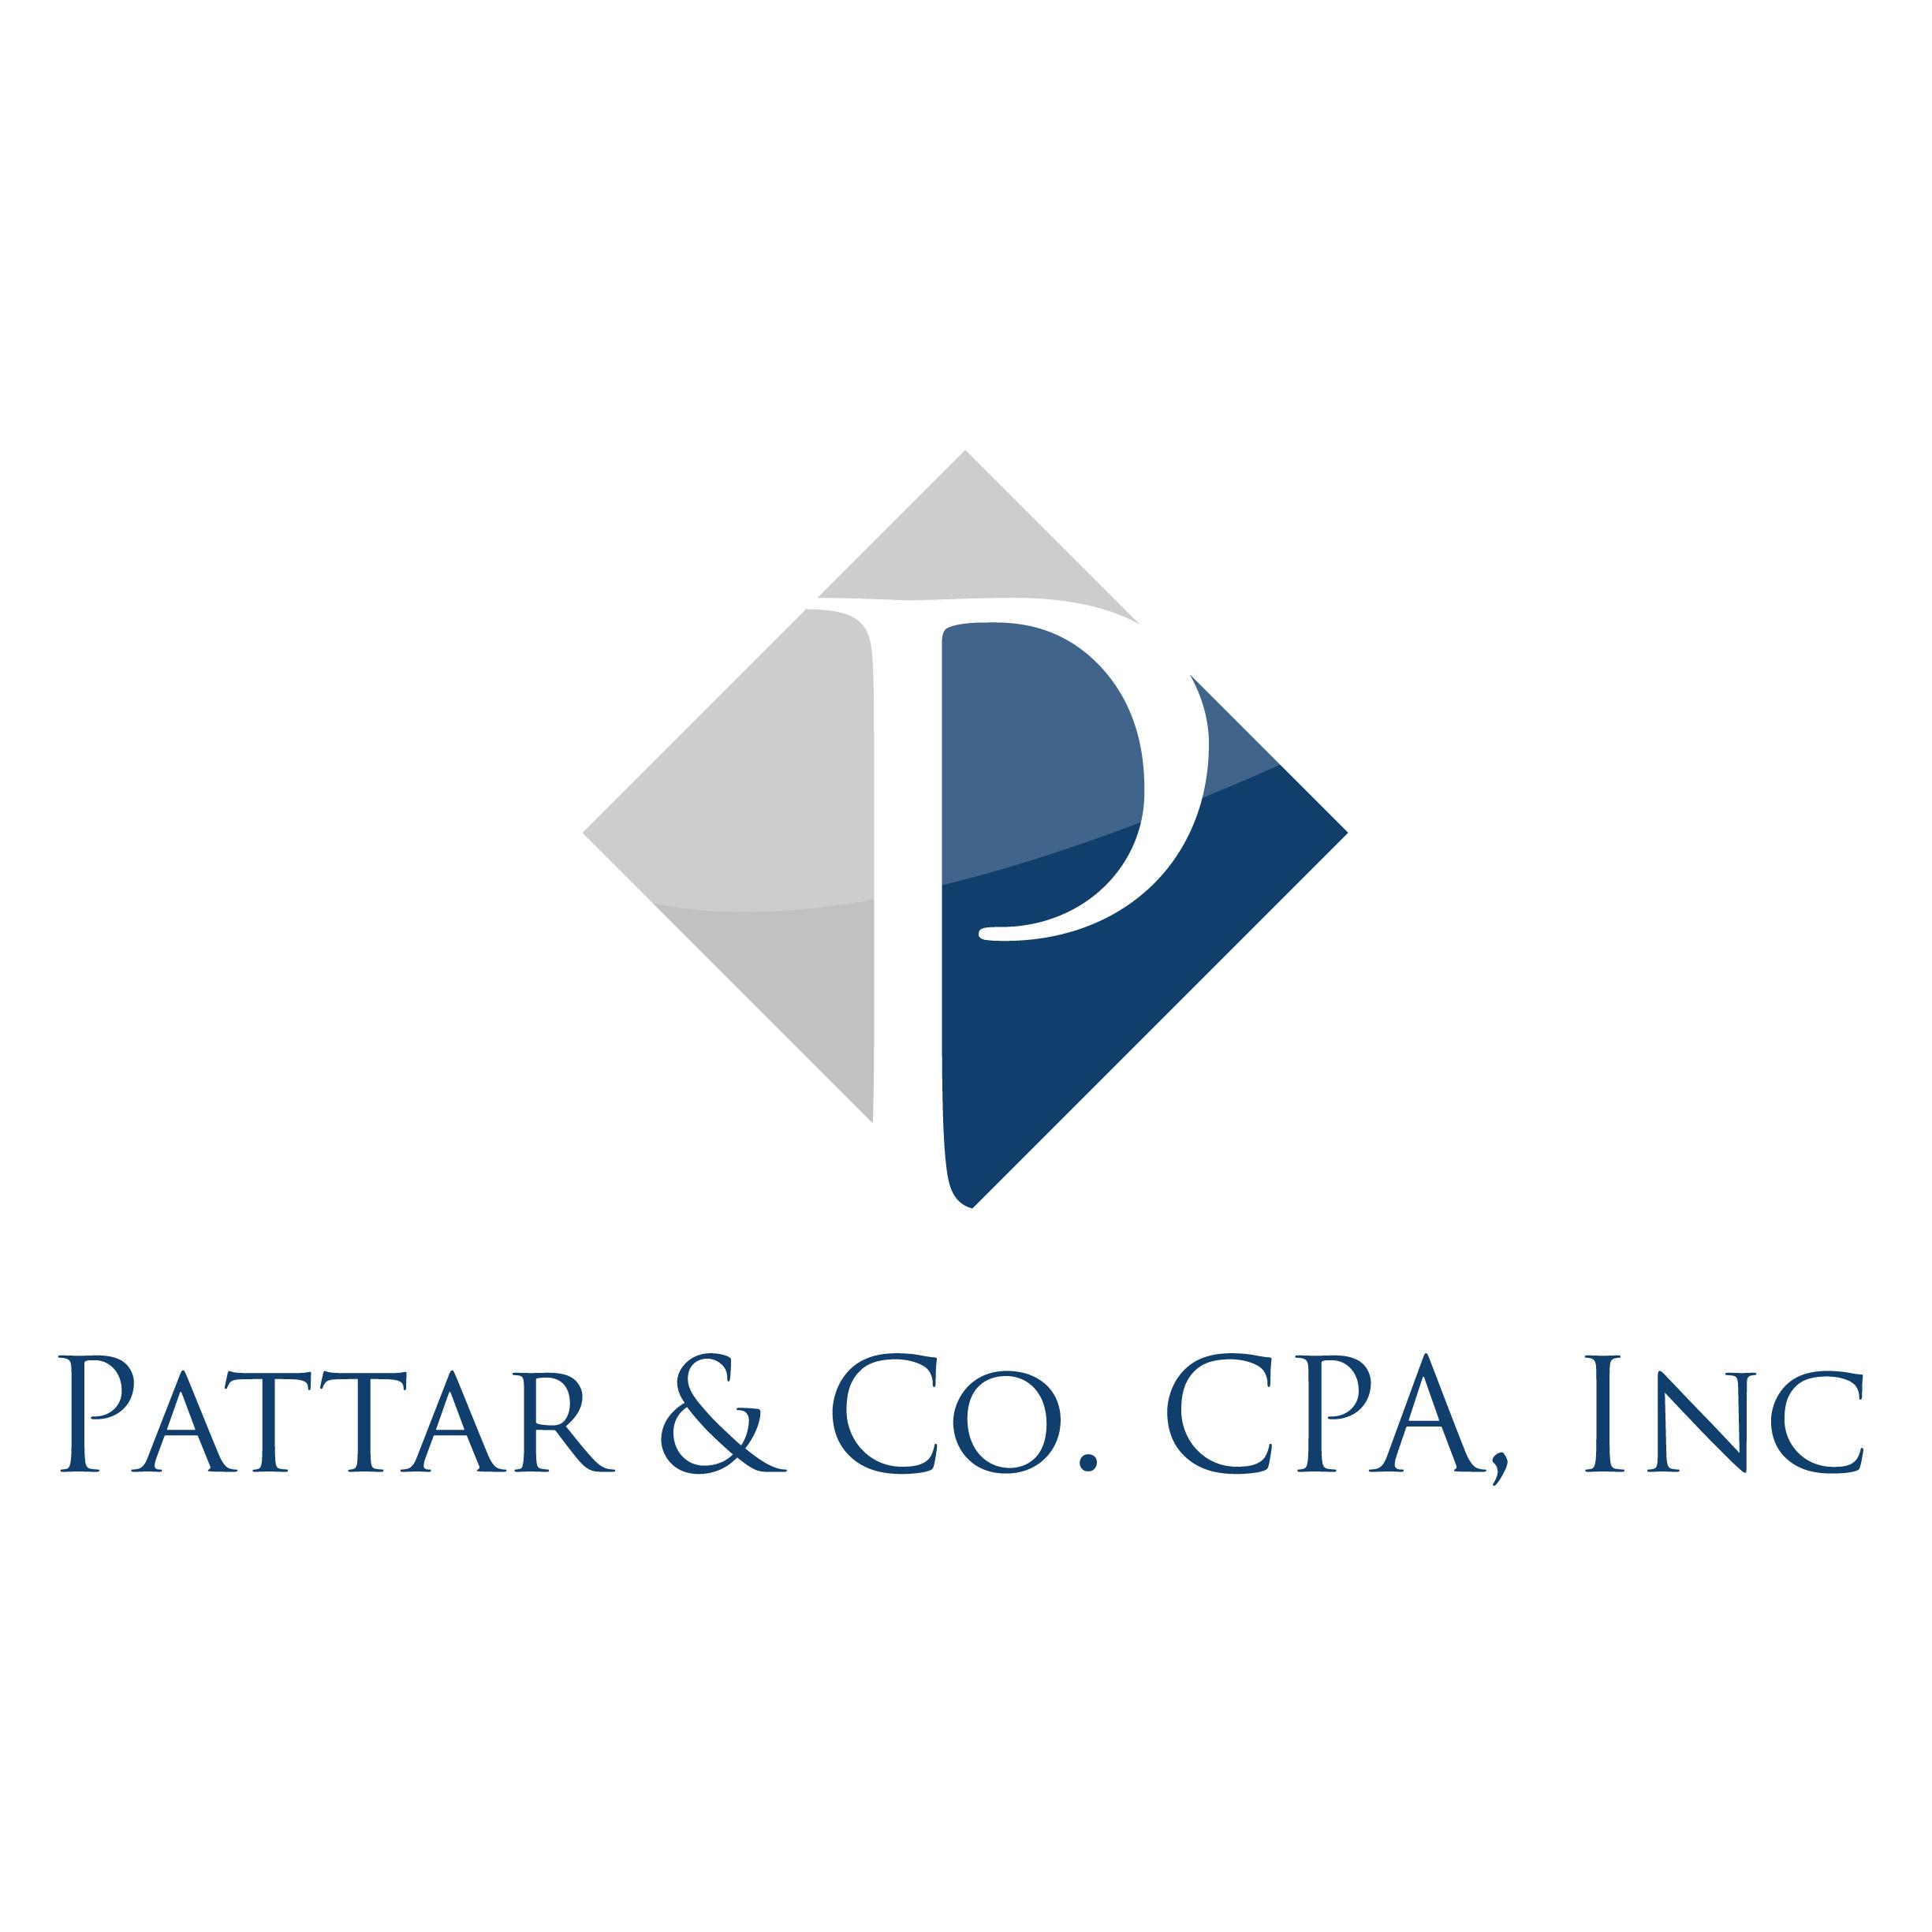 Pattar & Co. CPA, Inc.